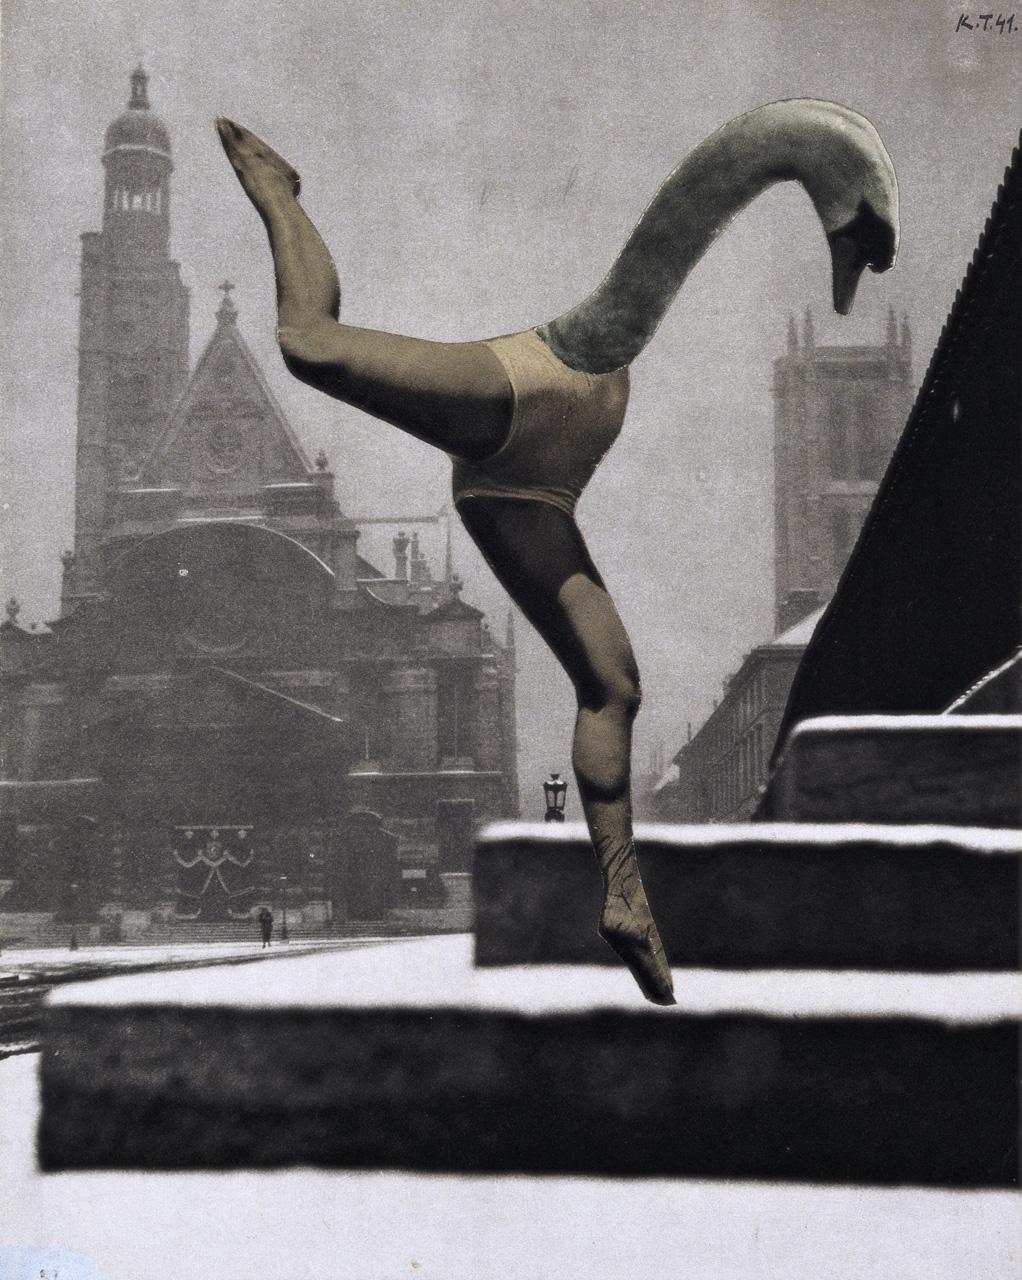 Karel Teige - Collage untitled, 1941